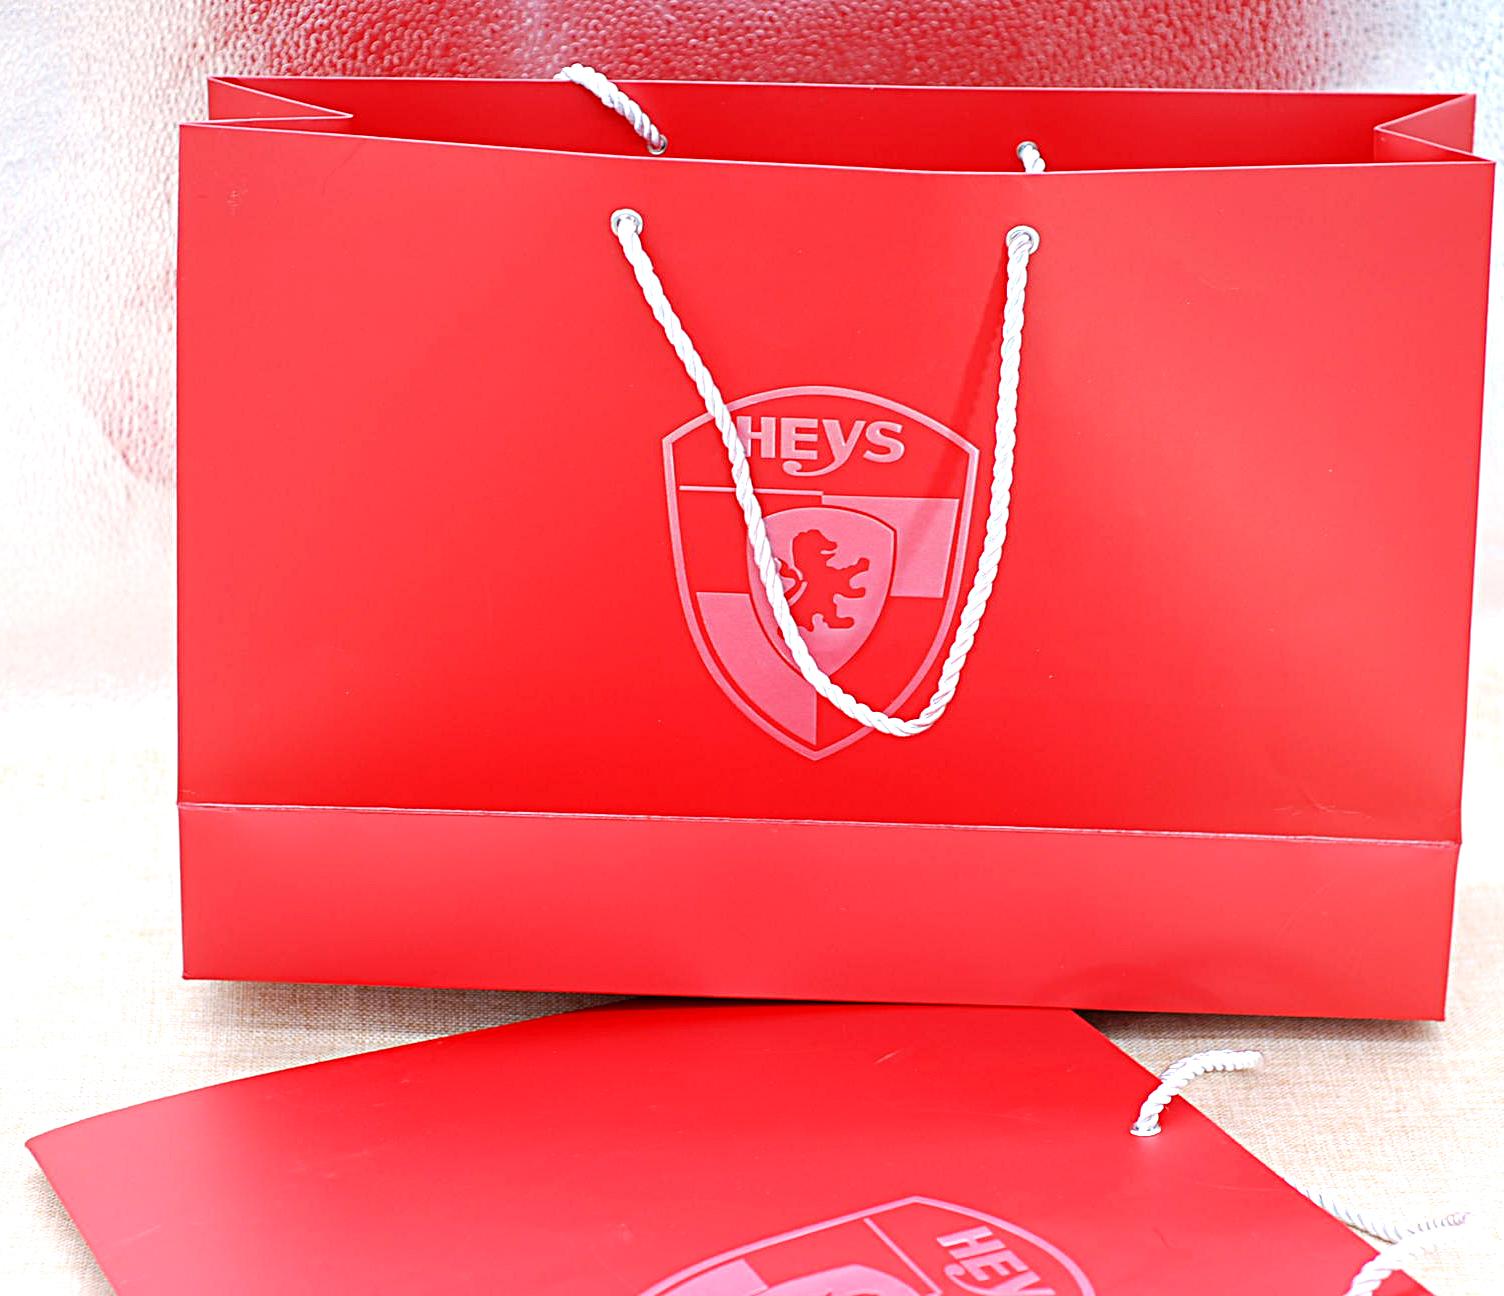 厂家直销供应印刷 高档 服装纸袋 定做购物袋白卡包装礼品手提袋 手提袋加工